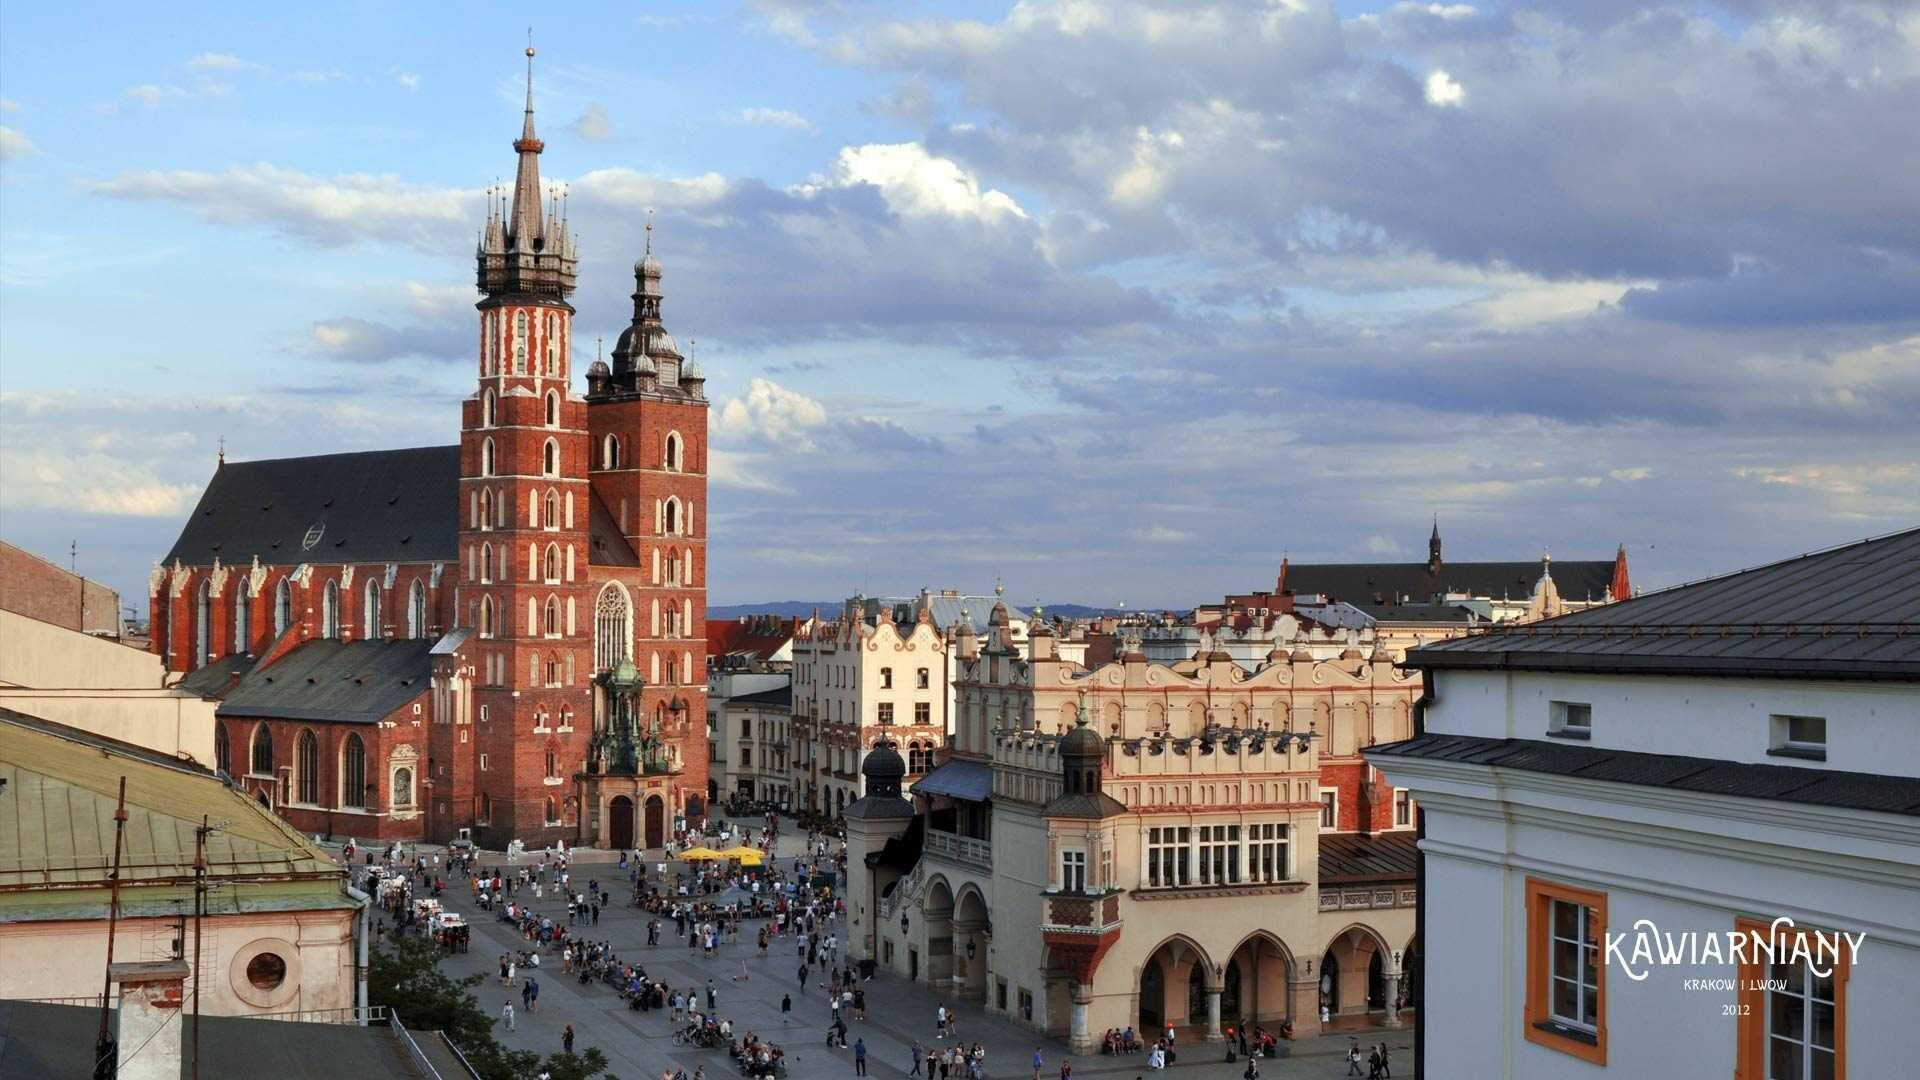 Gdzie w Krakowie można wejść na dach? TOP 6 restauracji z widokiem